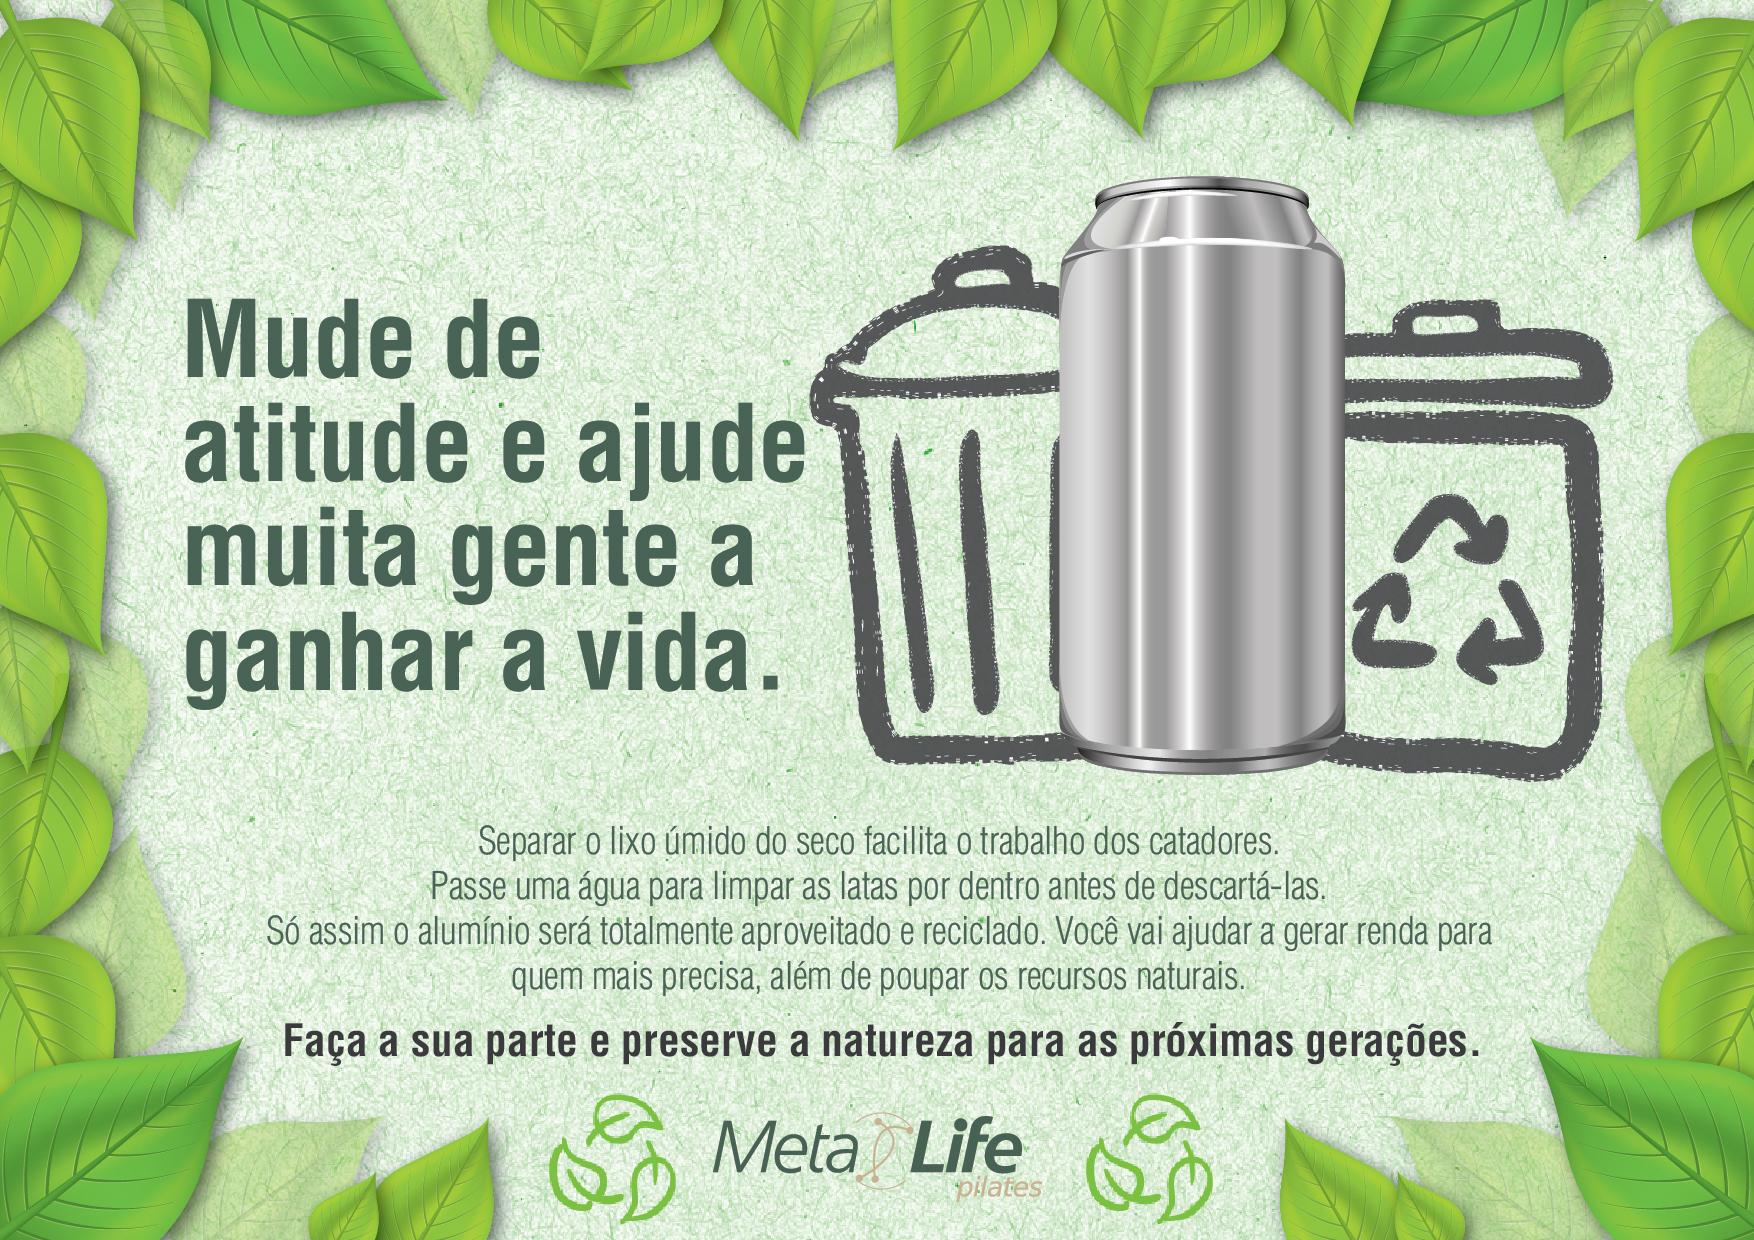 Reciclagem de alumínio-latas